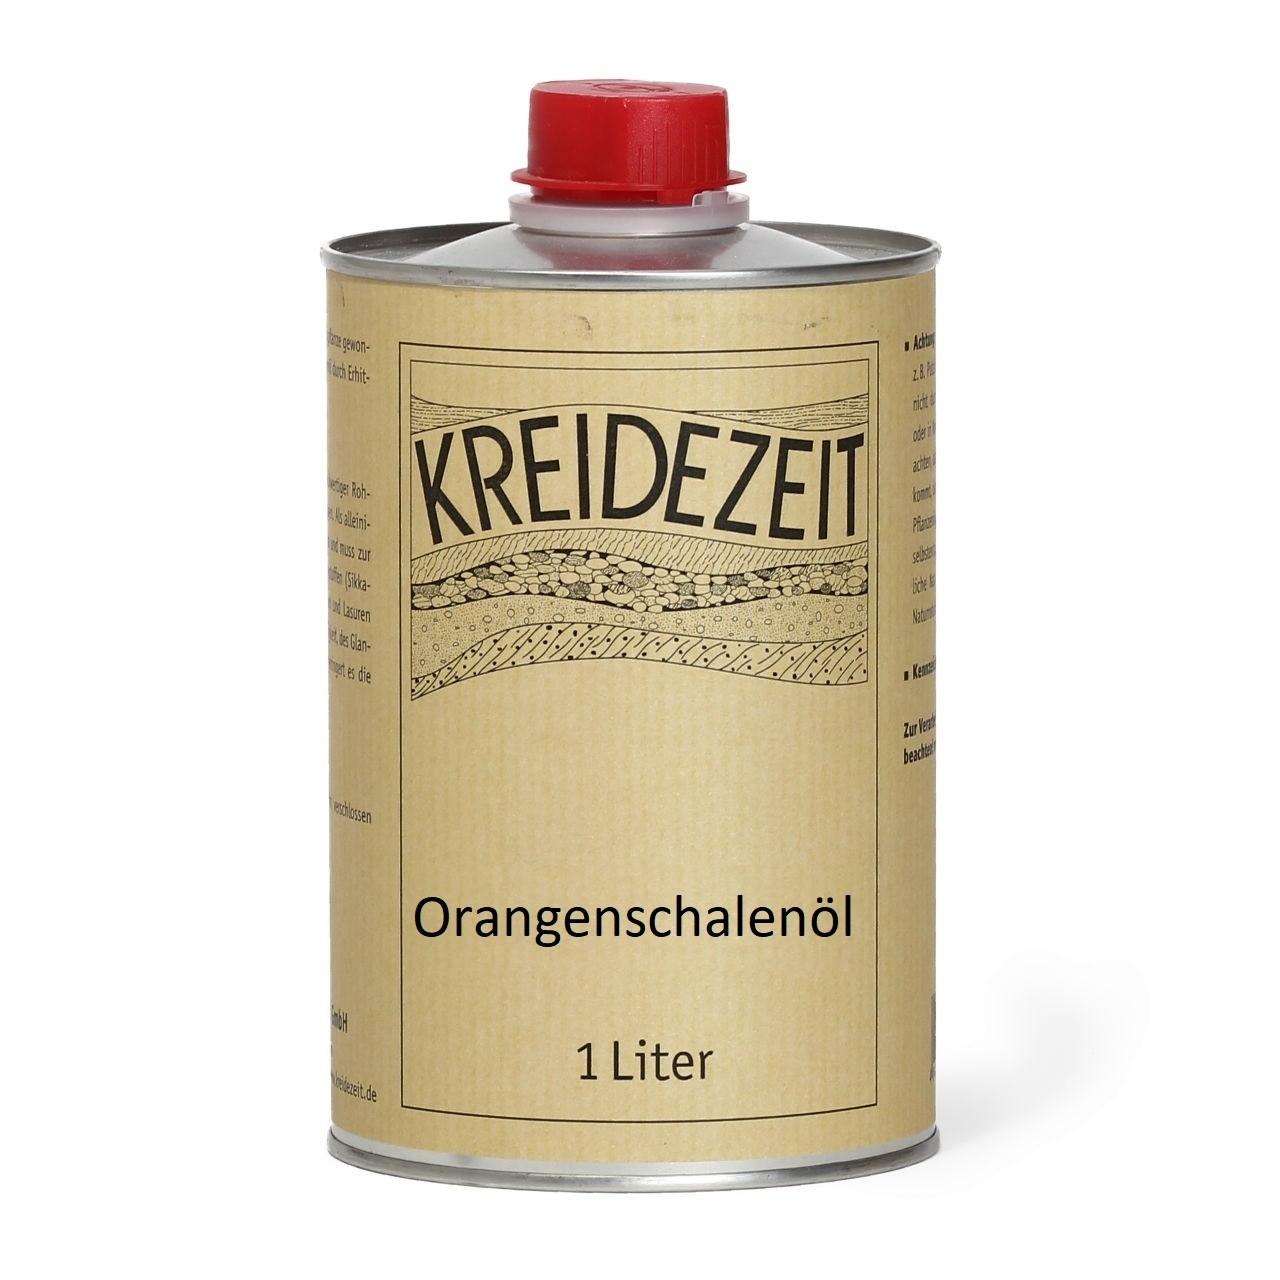 Orangenschalenöl 500 ml